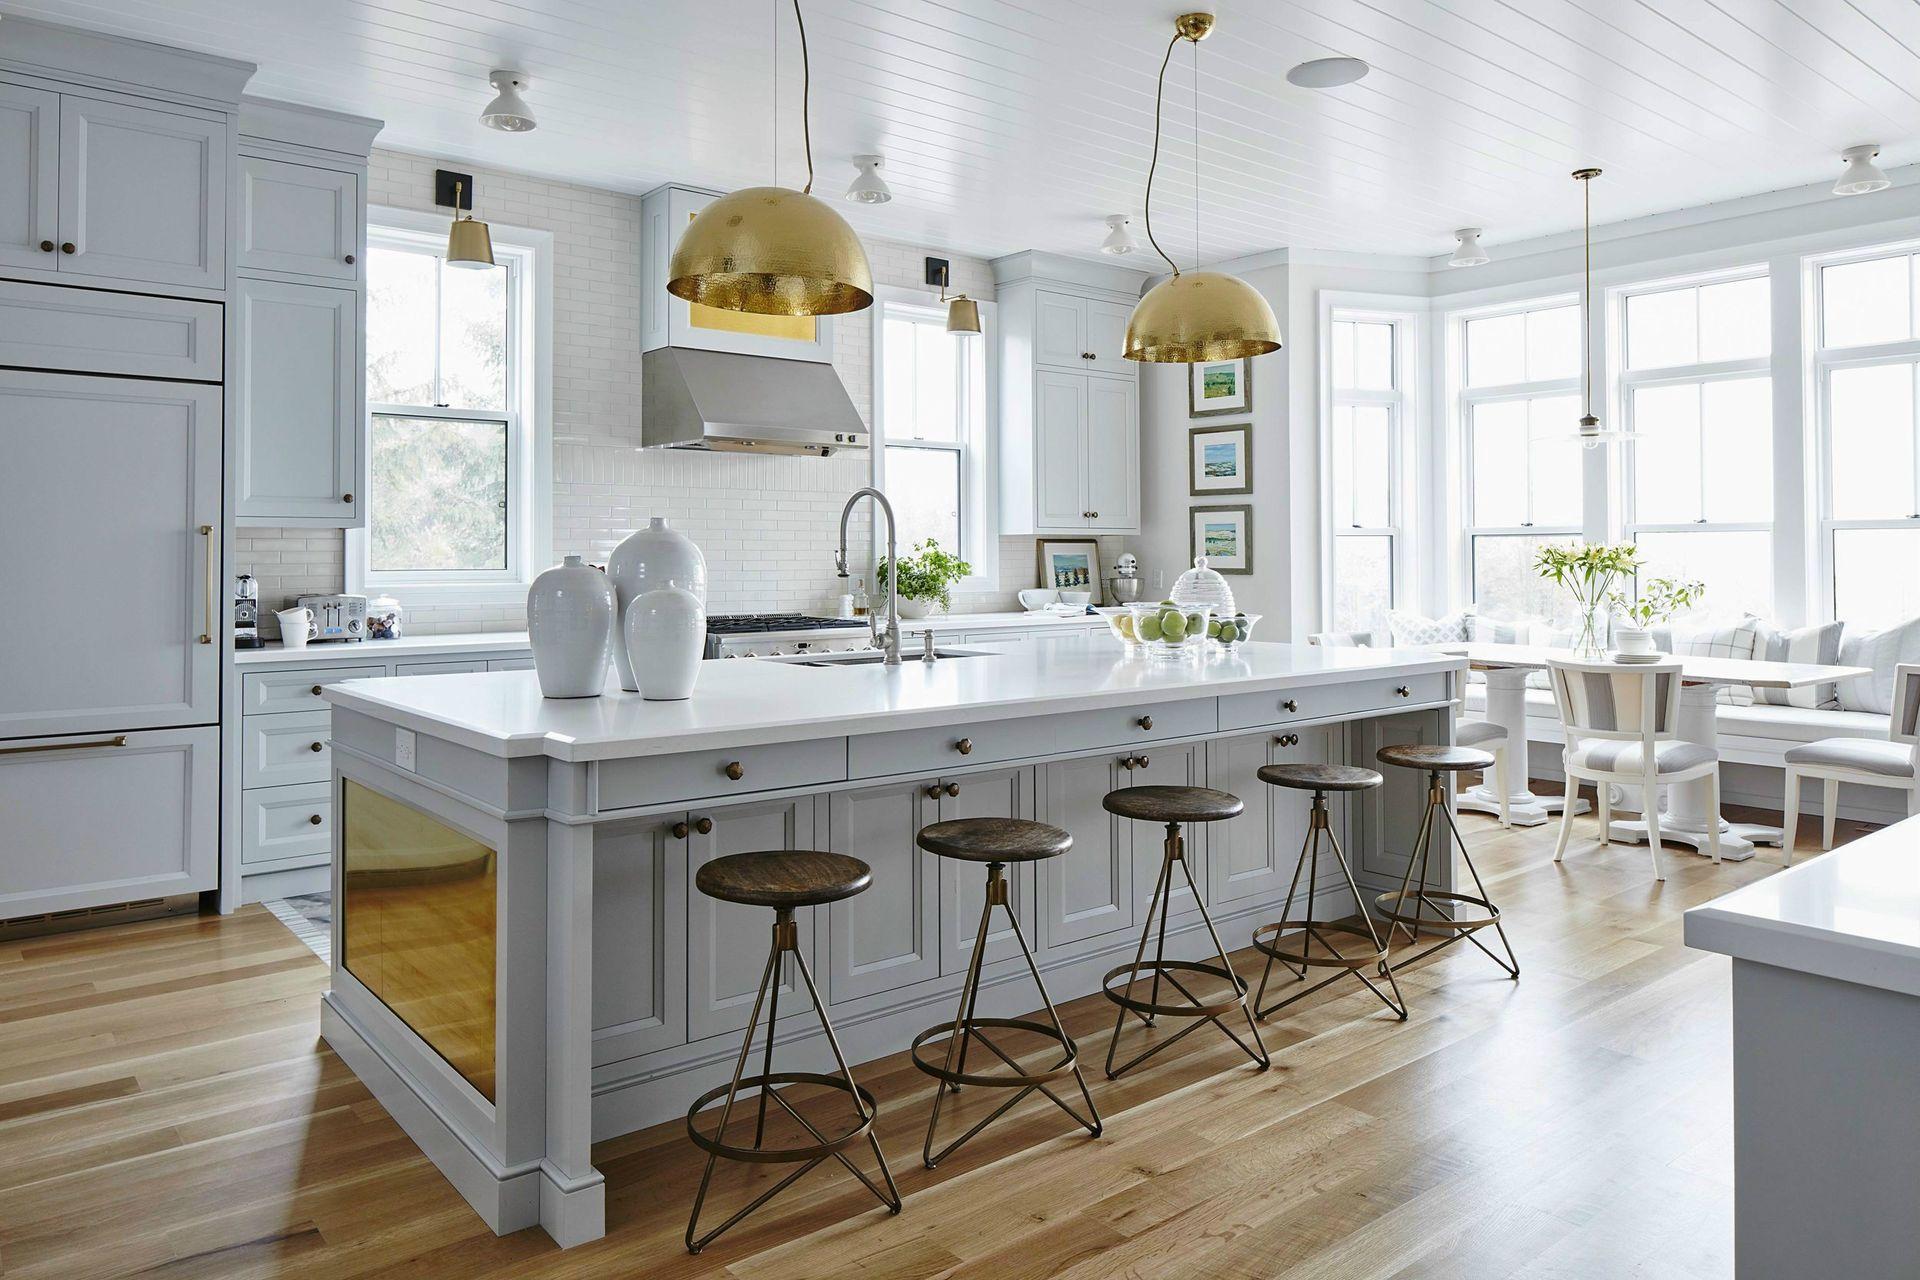 attractive-chef-s-kitchen-34-sr-jpg-format-2500w-cooking